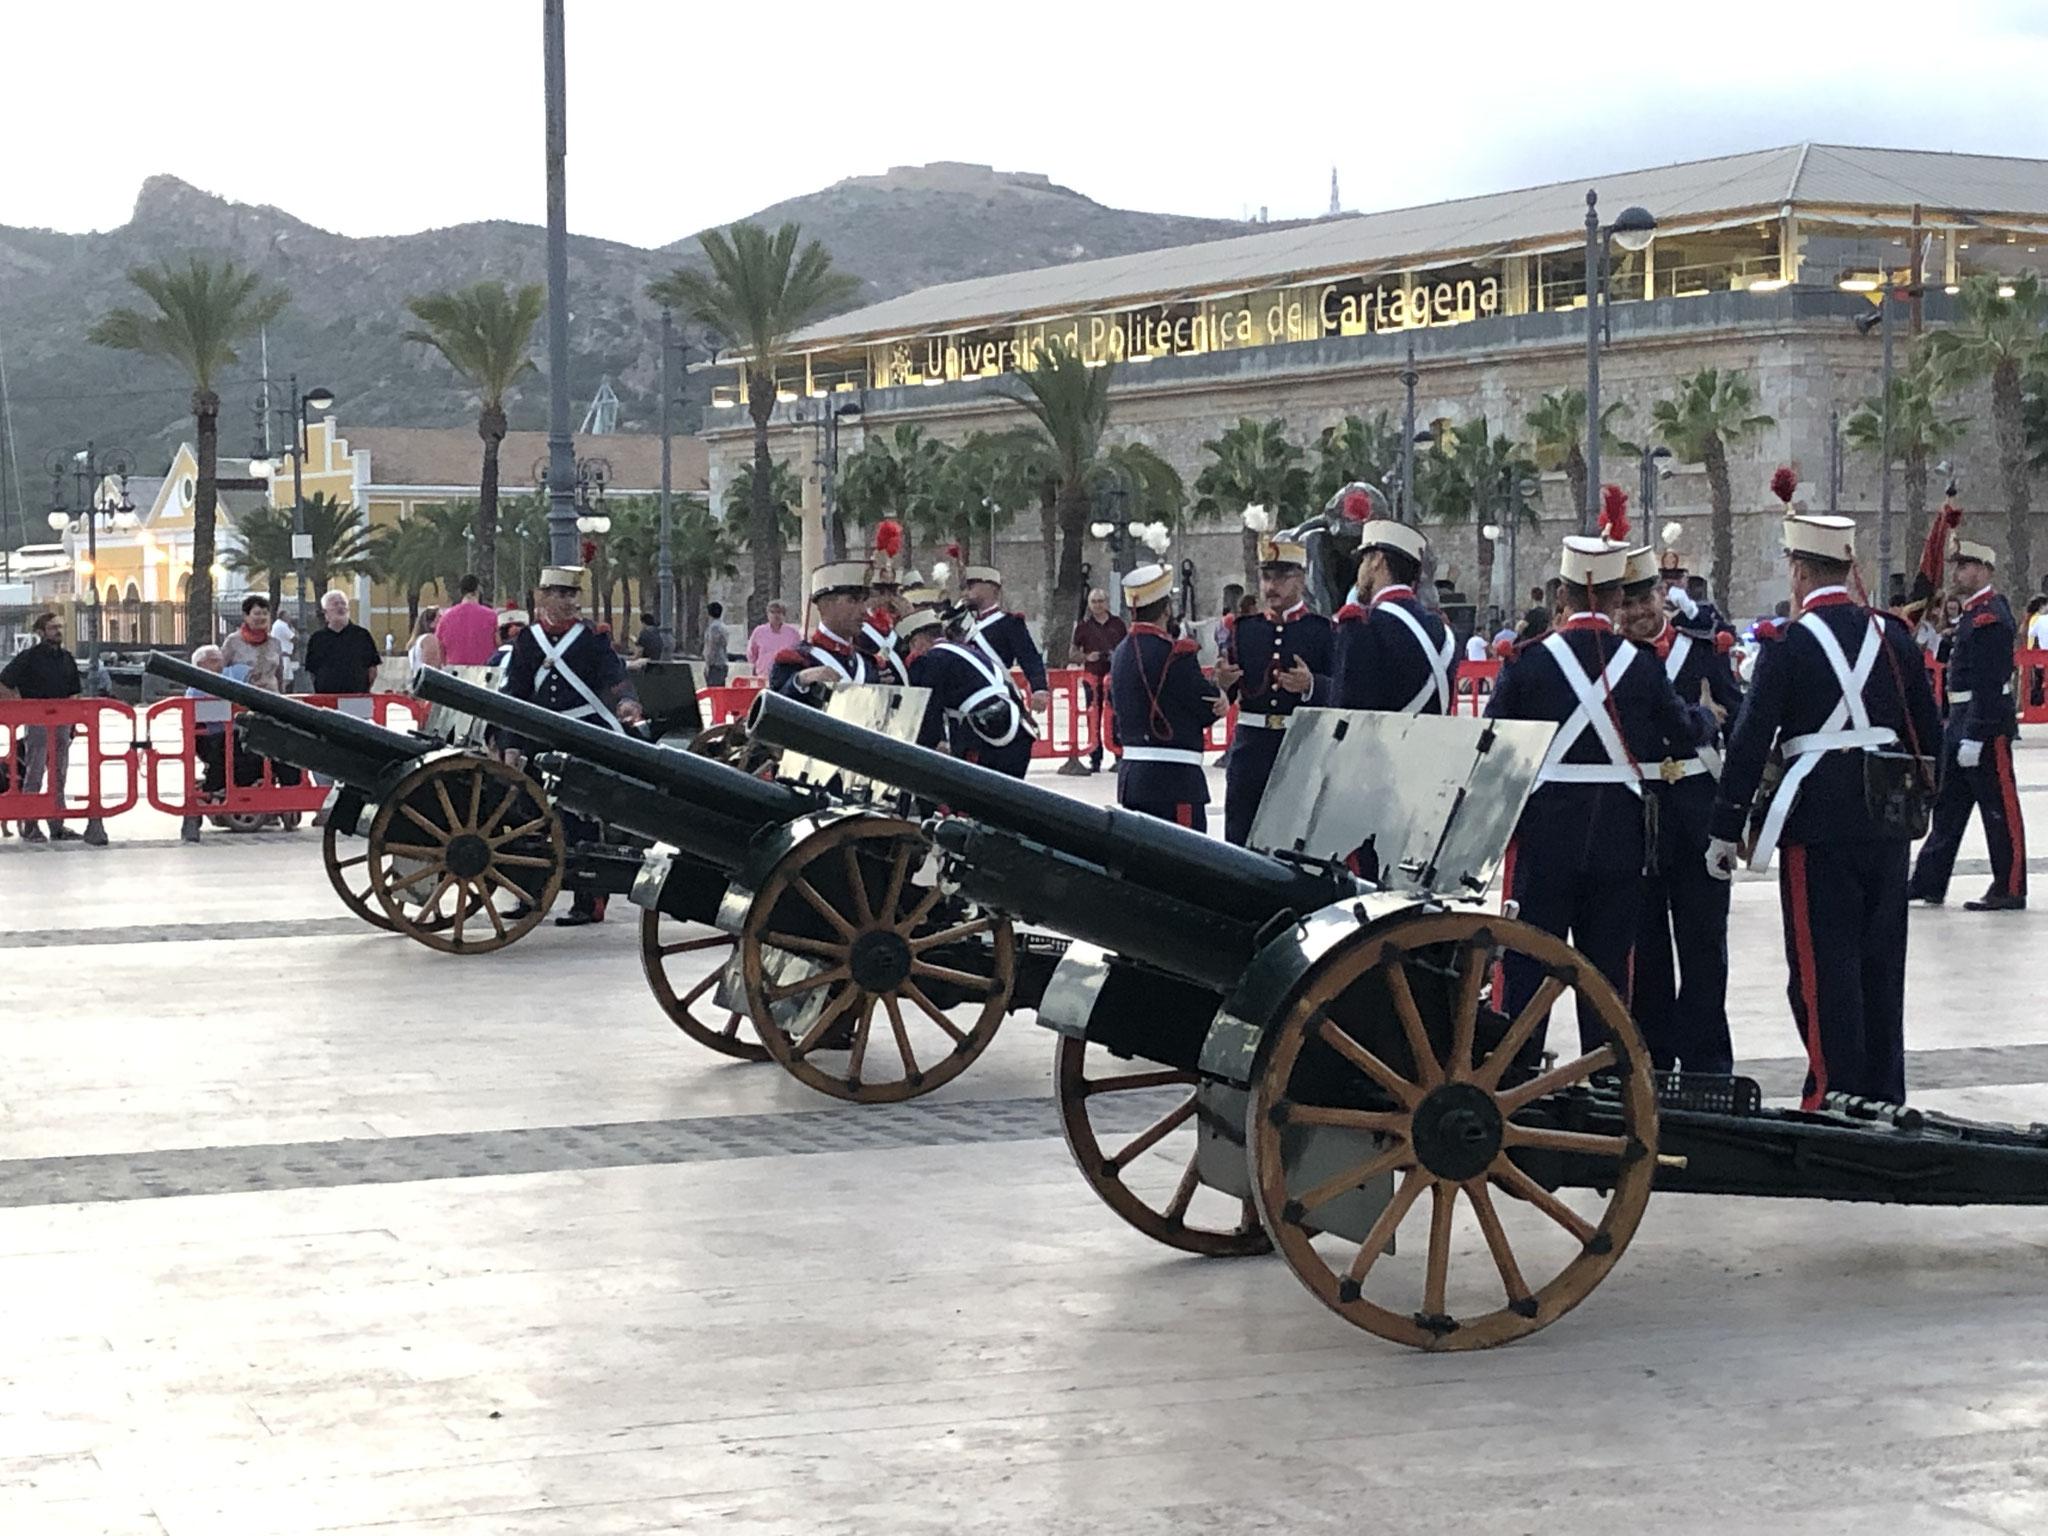 Anlässlich des Spanischen Nationalfeiertages am 12. Oktober ein paar Böllerschüsse...